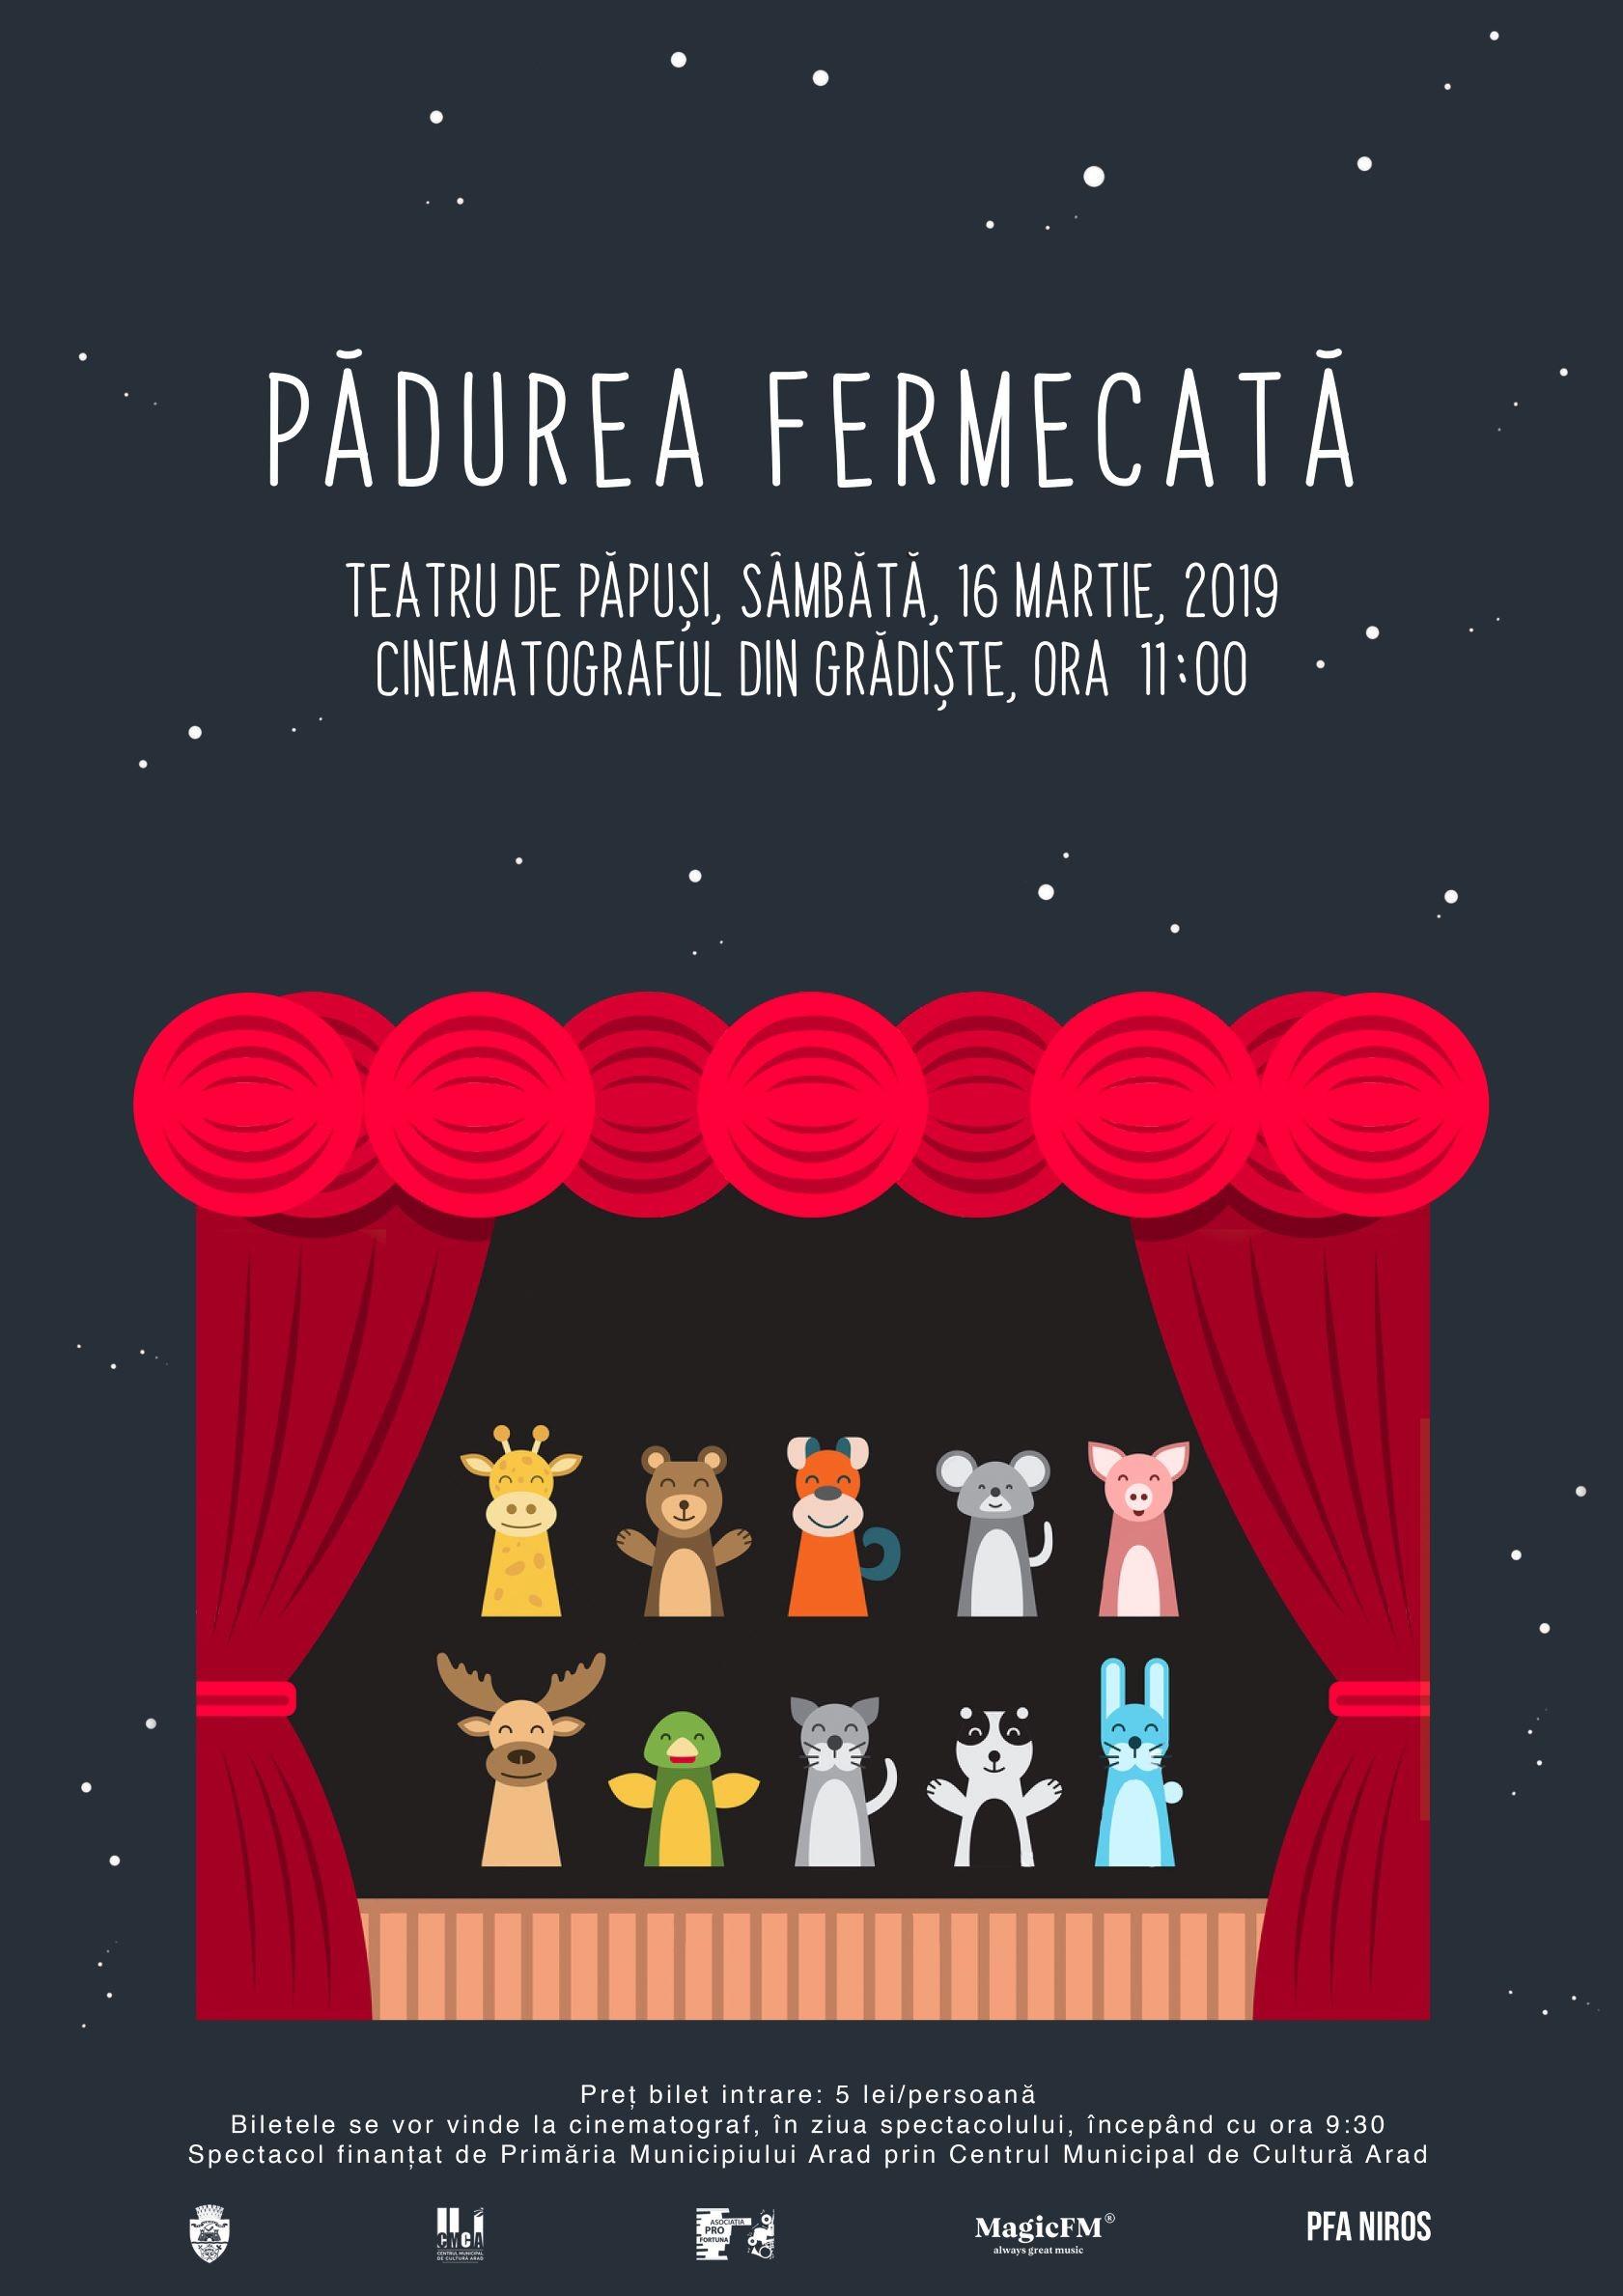 Pădurea fermecată – spectacol de teatru de păpuși, la cinematograful din Grădiște